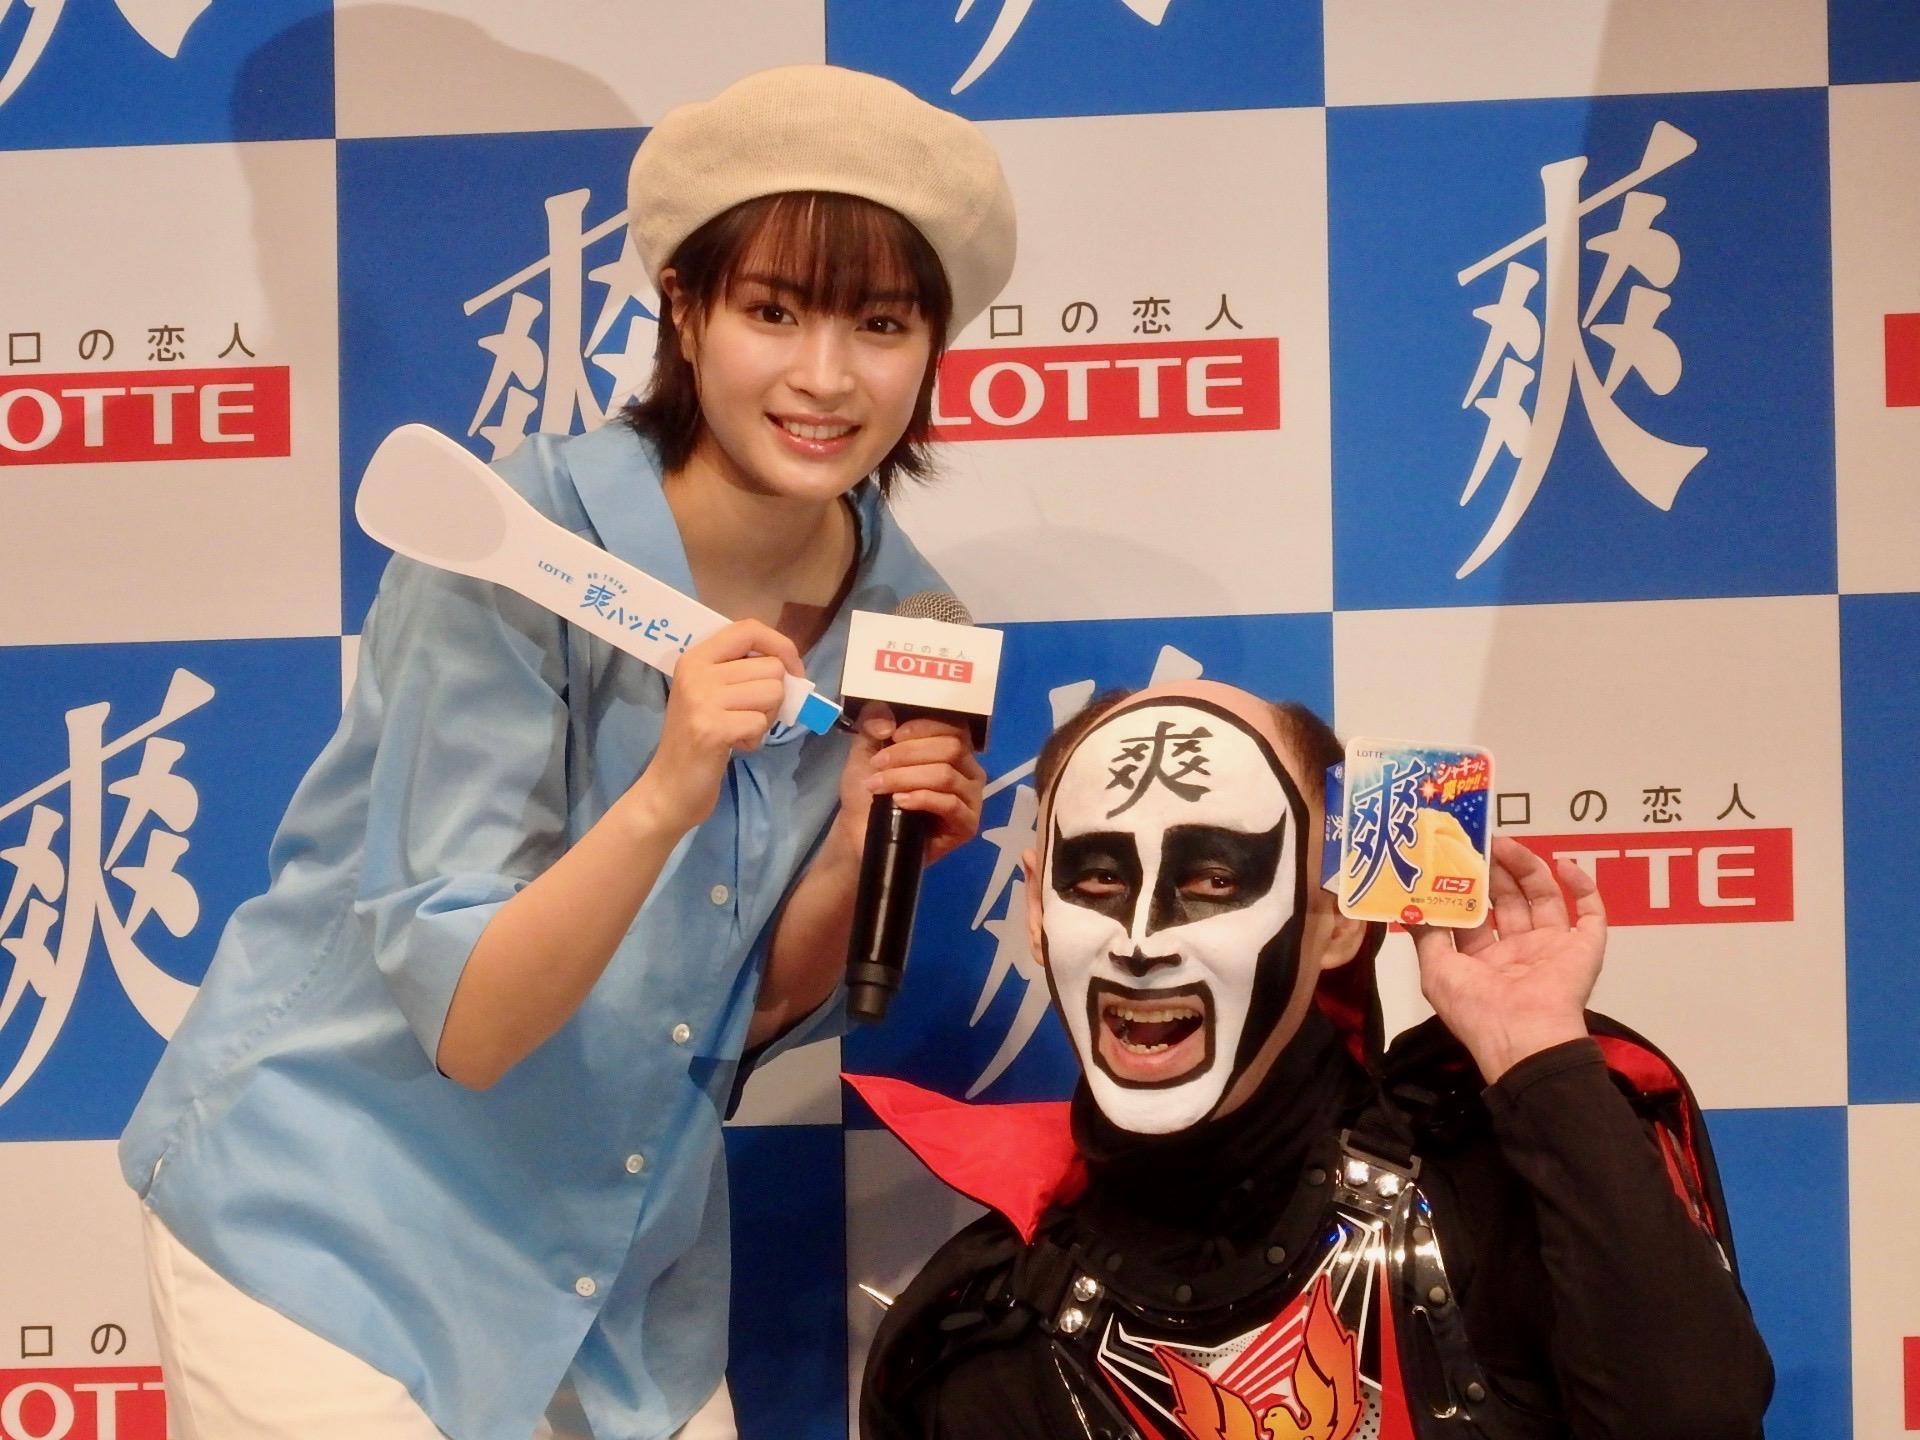 http://news.yoshimoto.co.jp/20180612211719-2023ee73ea2cf1d9325b6226539bd179ae6a49f6.jpg